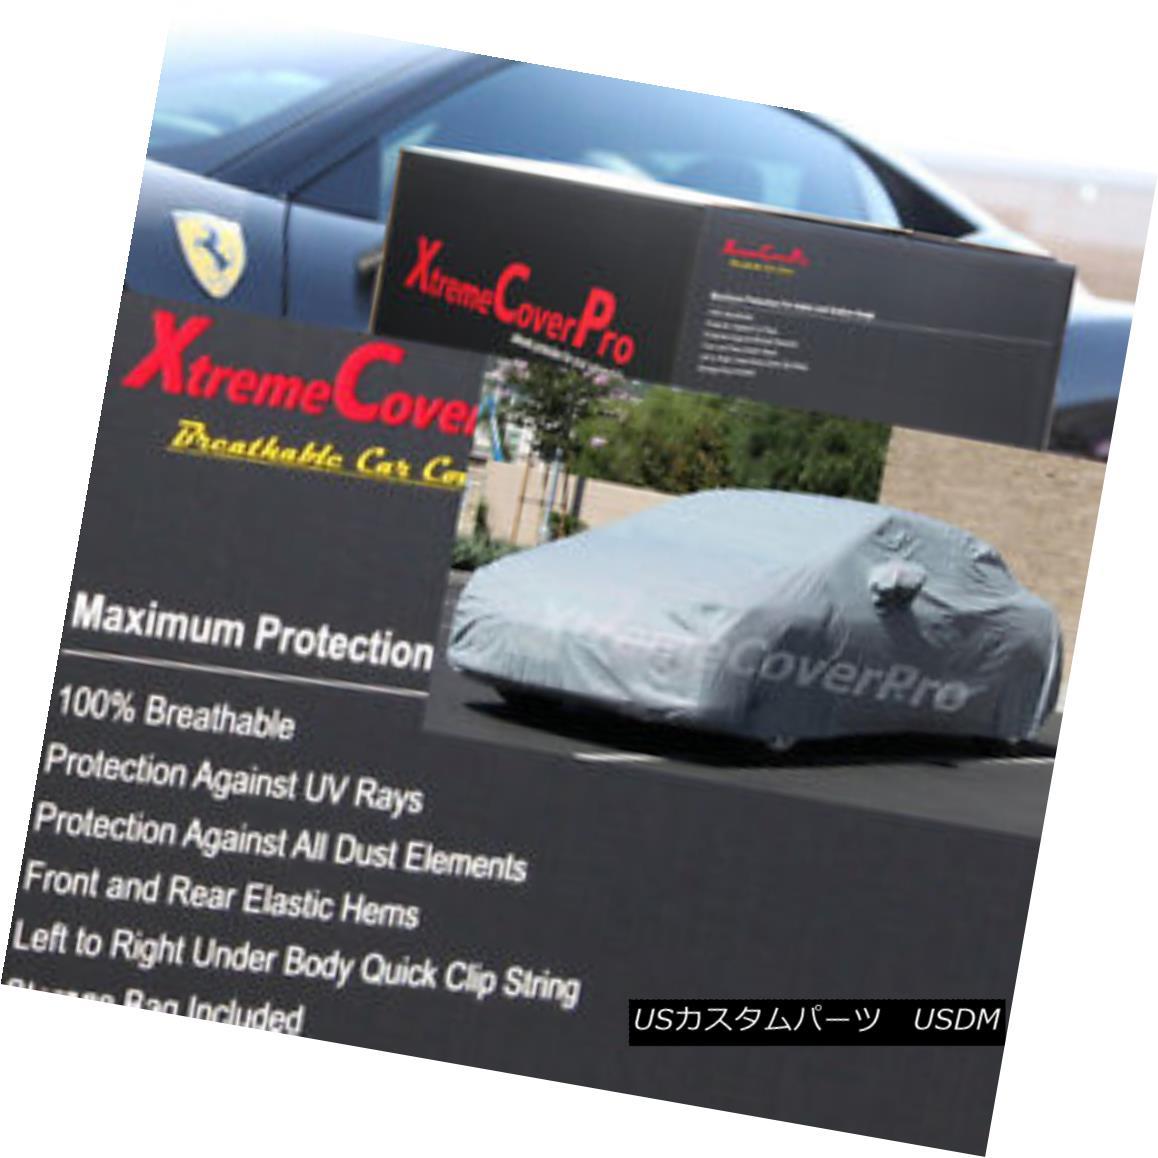 カーカバー 2015 BUICK VERANO Breathable Car Cover w/Mirror Pockets - Gray 2015 BUICK VERANO通気性の車カバー、ミラーポケット付き - グレー